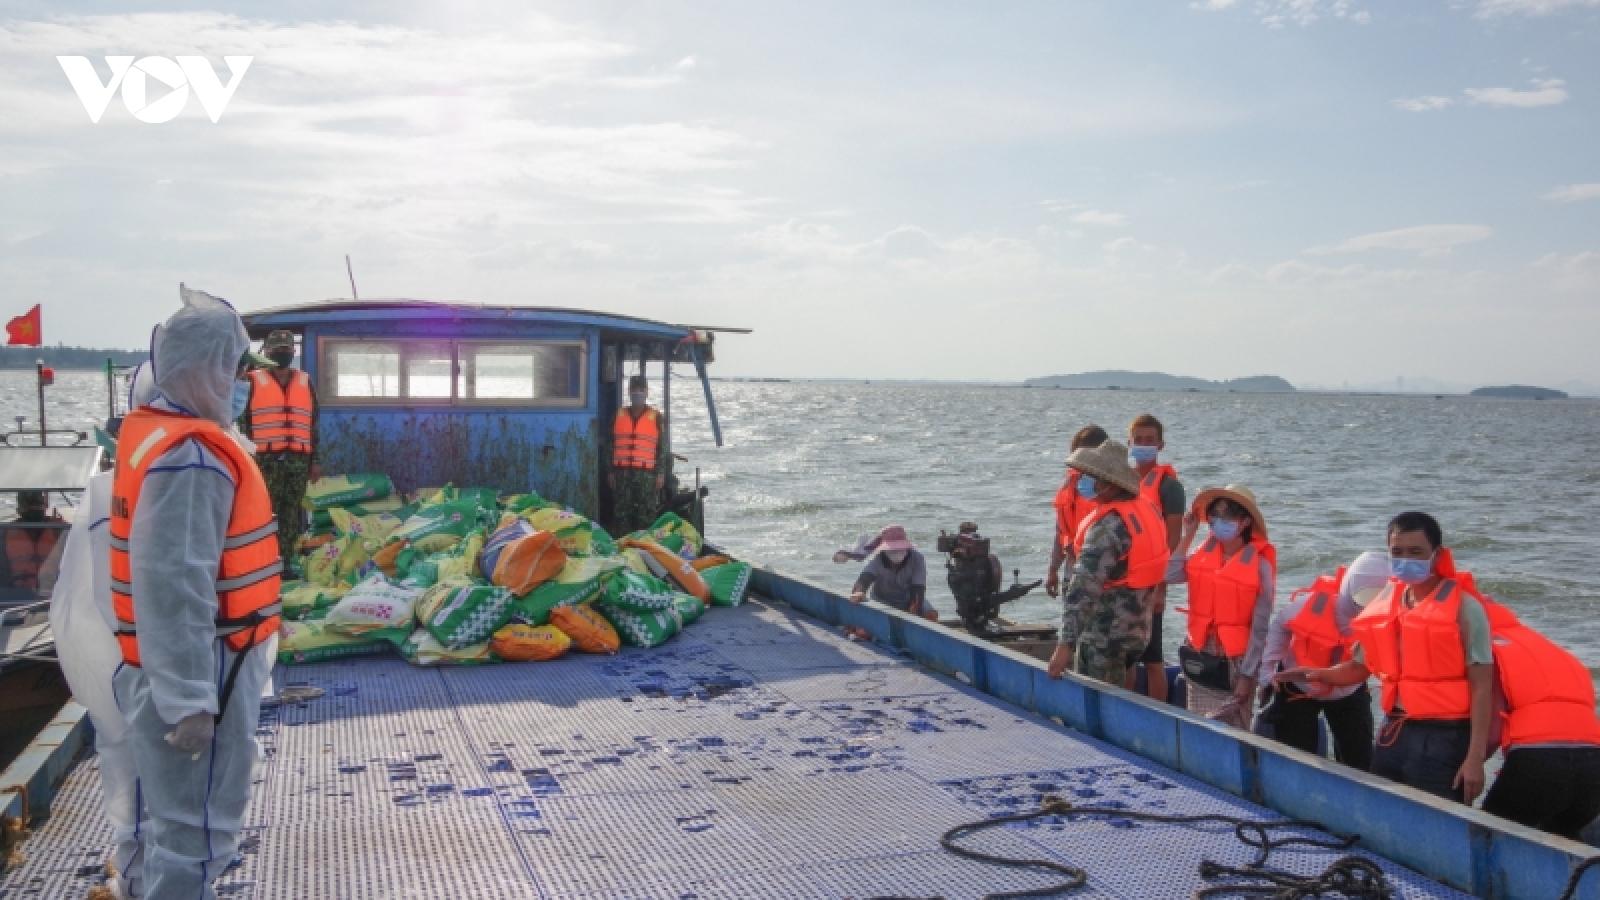 Quảng Ninh bàn giao phương tiện bị trôitrên biển cho ngư dân Trung Quốc